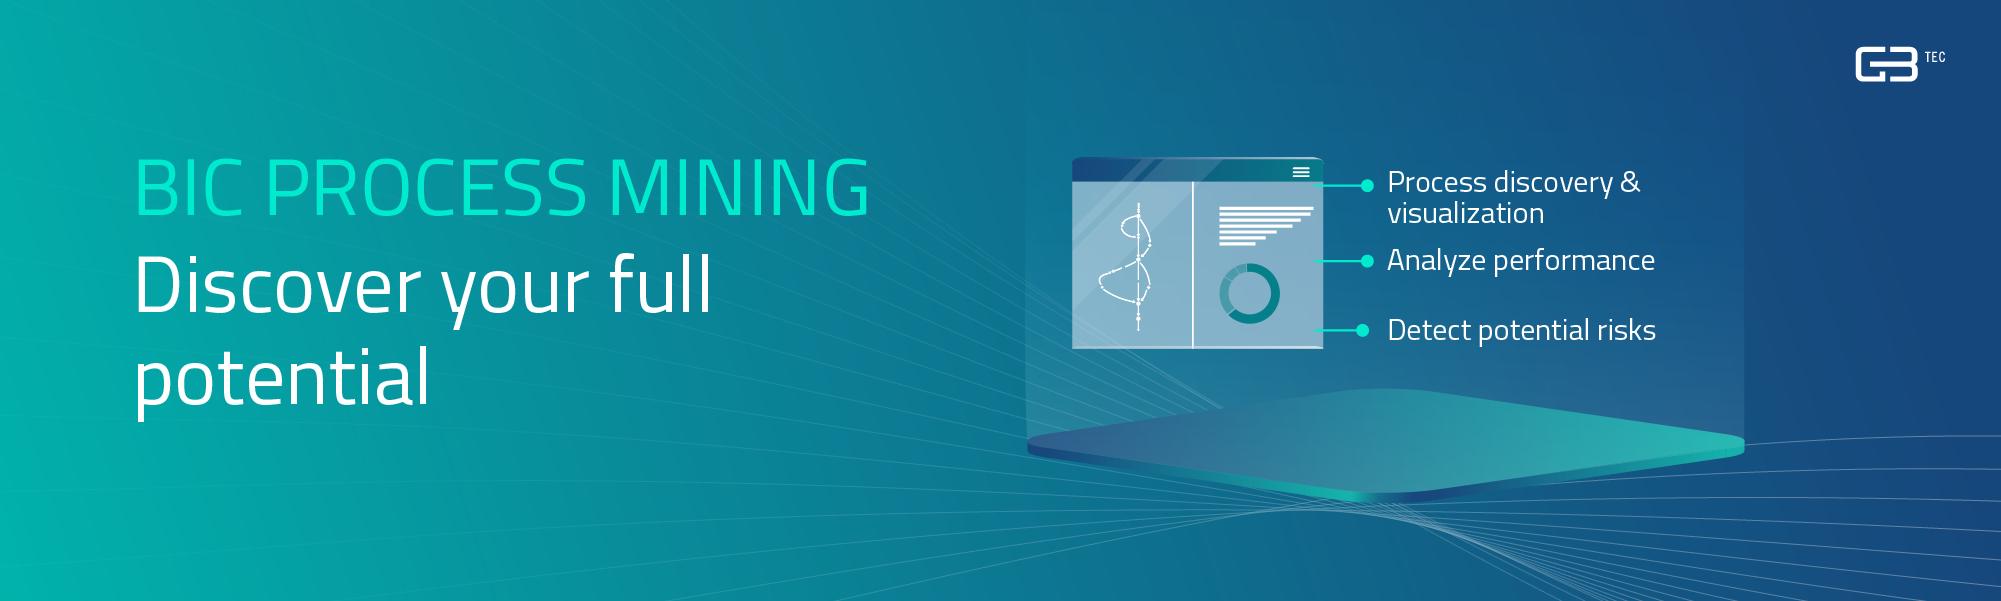 Opiniones BIC Process Mining: Siga el rastro de sus procesos digitales - Appvizer